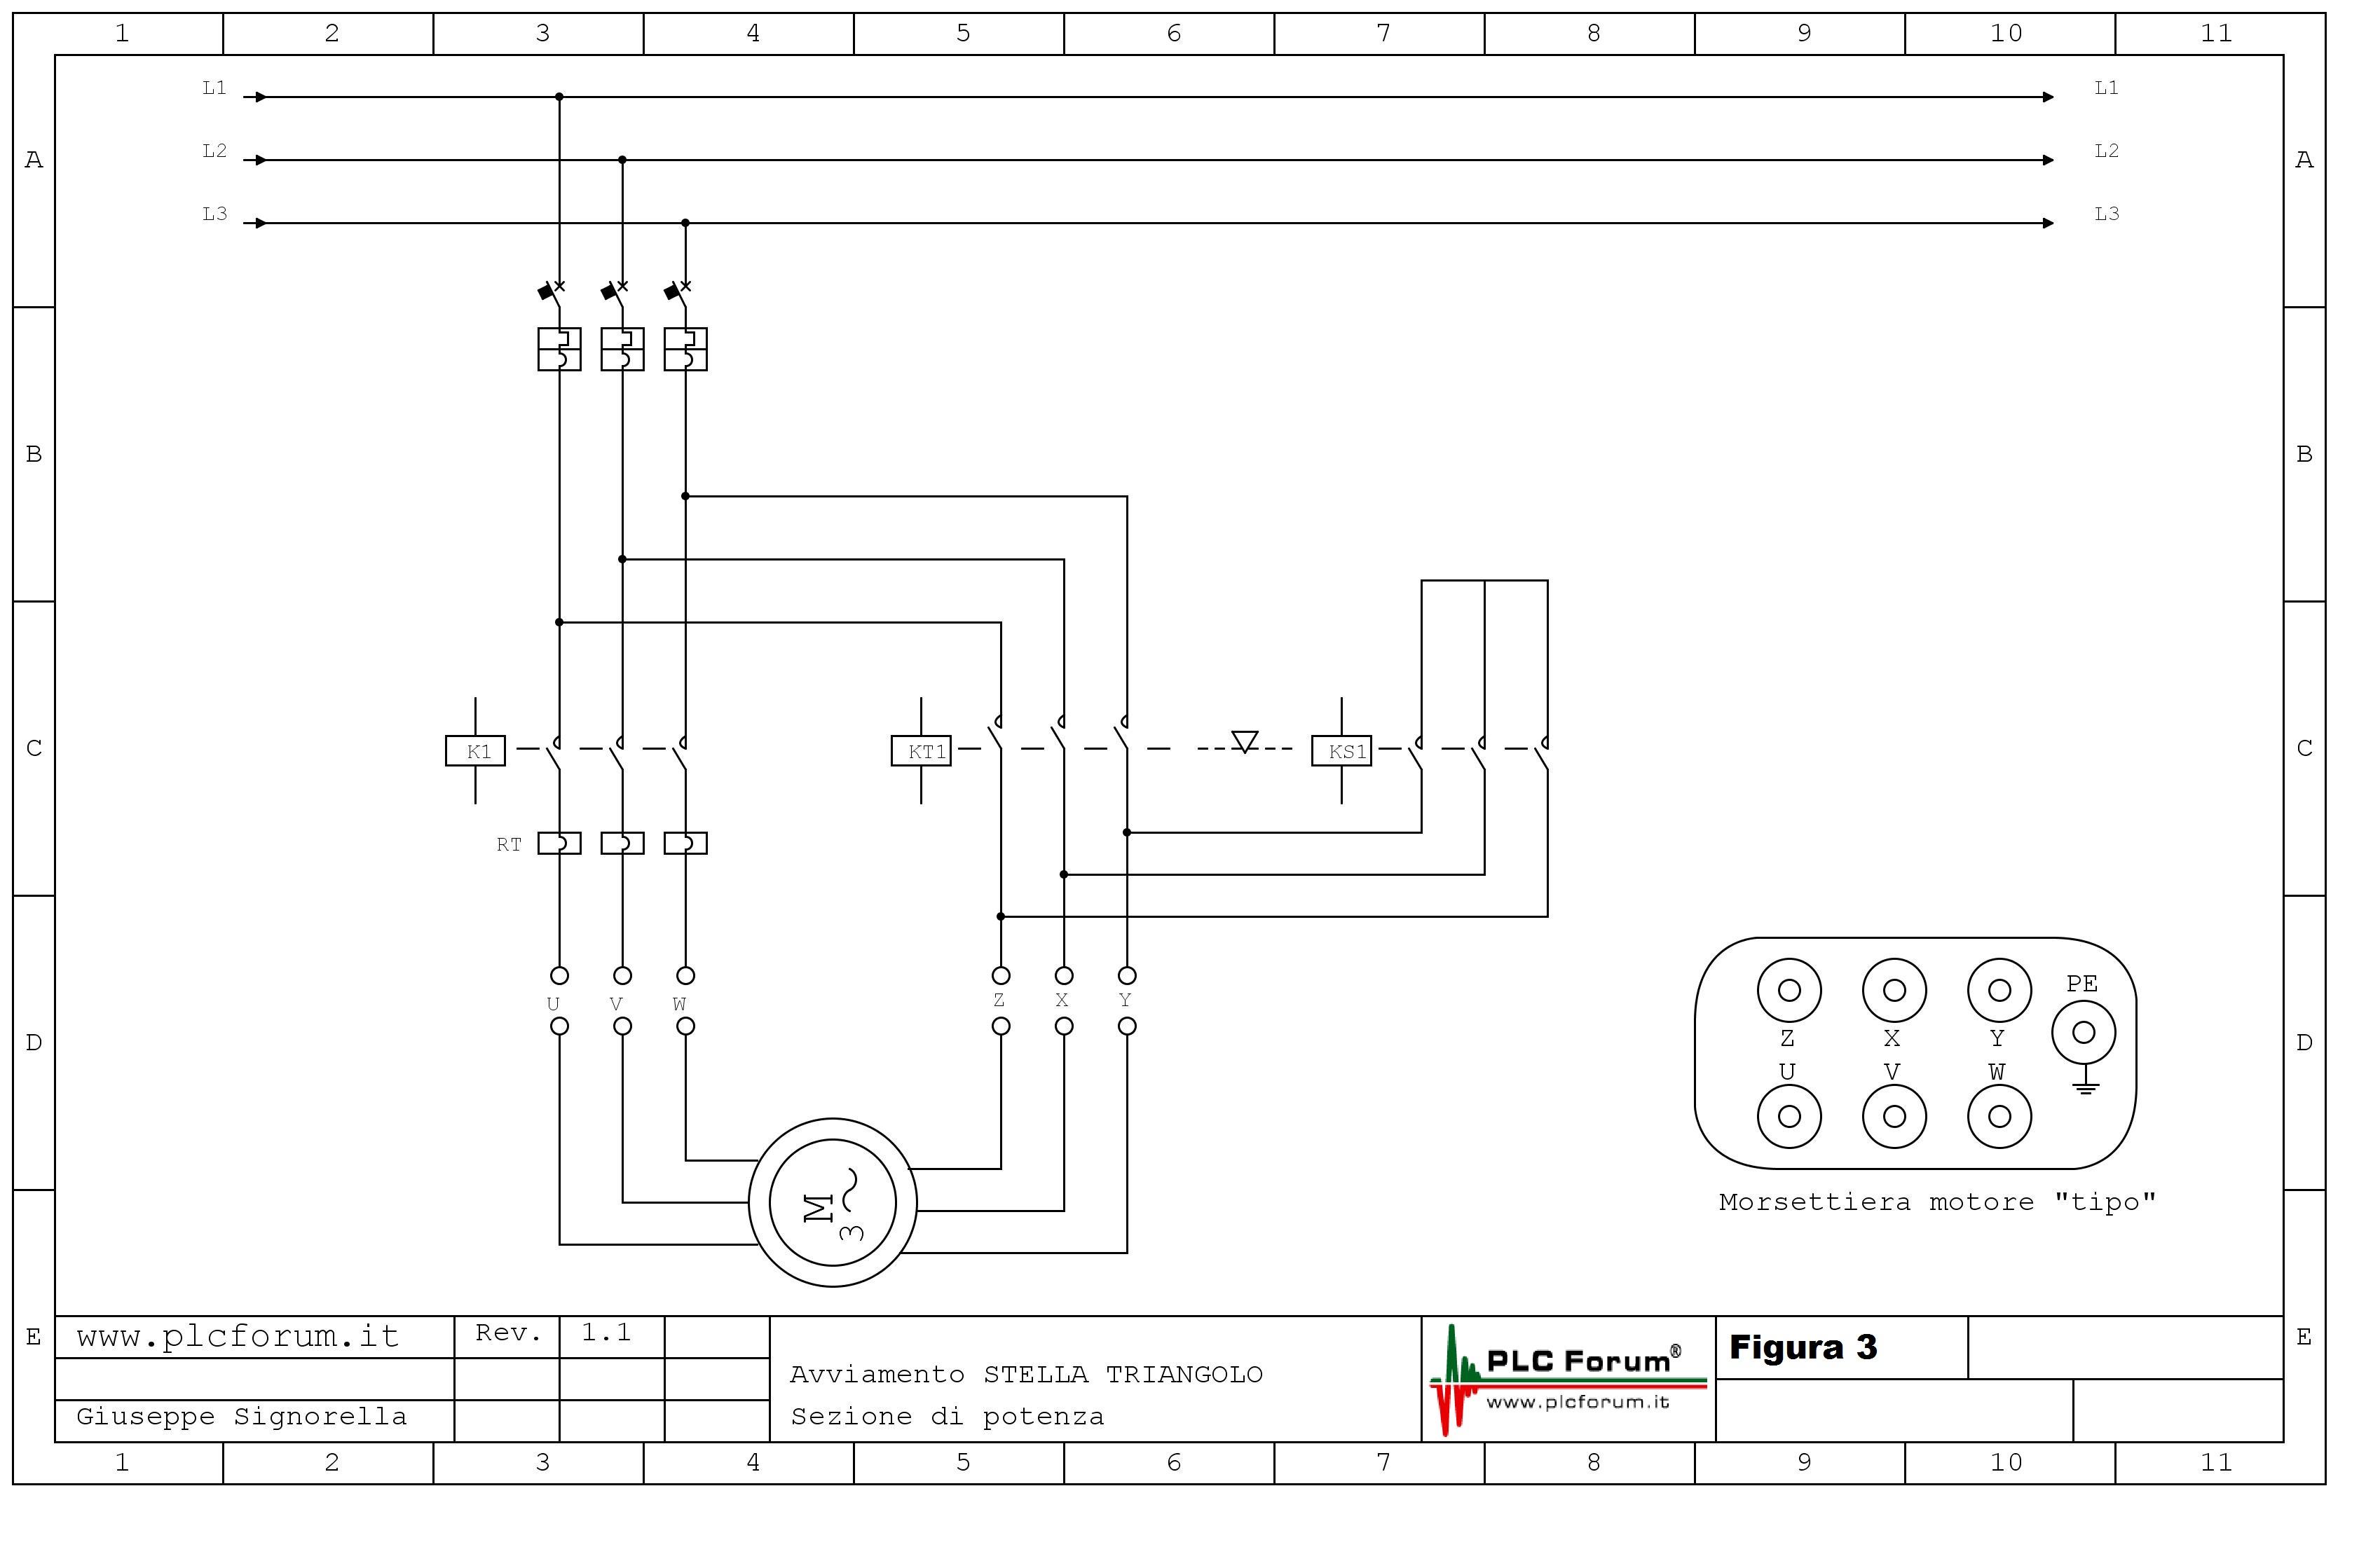 Schema Collegamento Motore Trifase A Due Velocita : Schema elettrico avviamento motore stella triangolo car